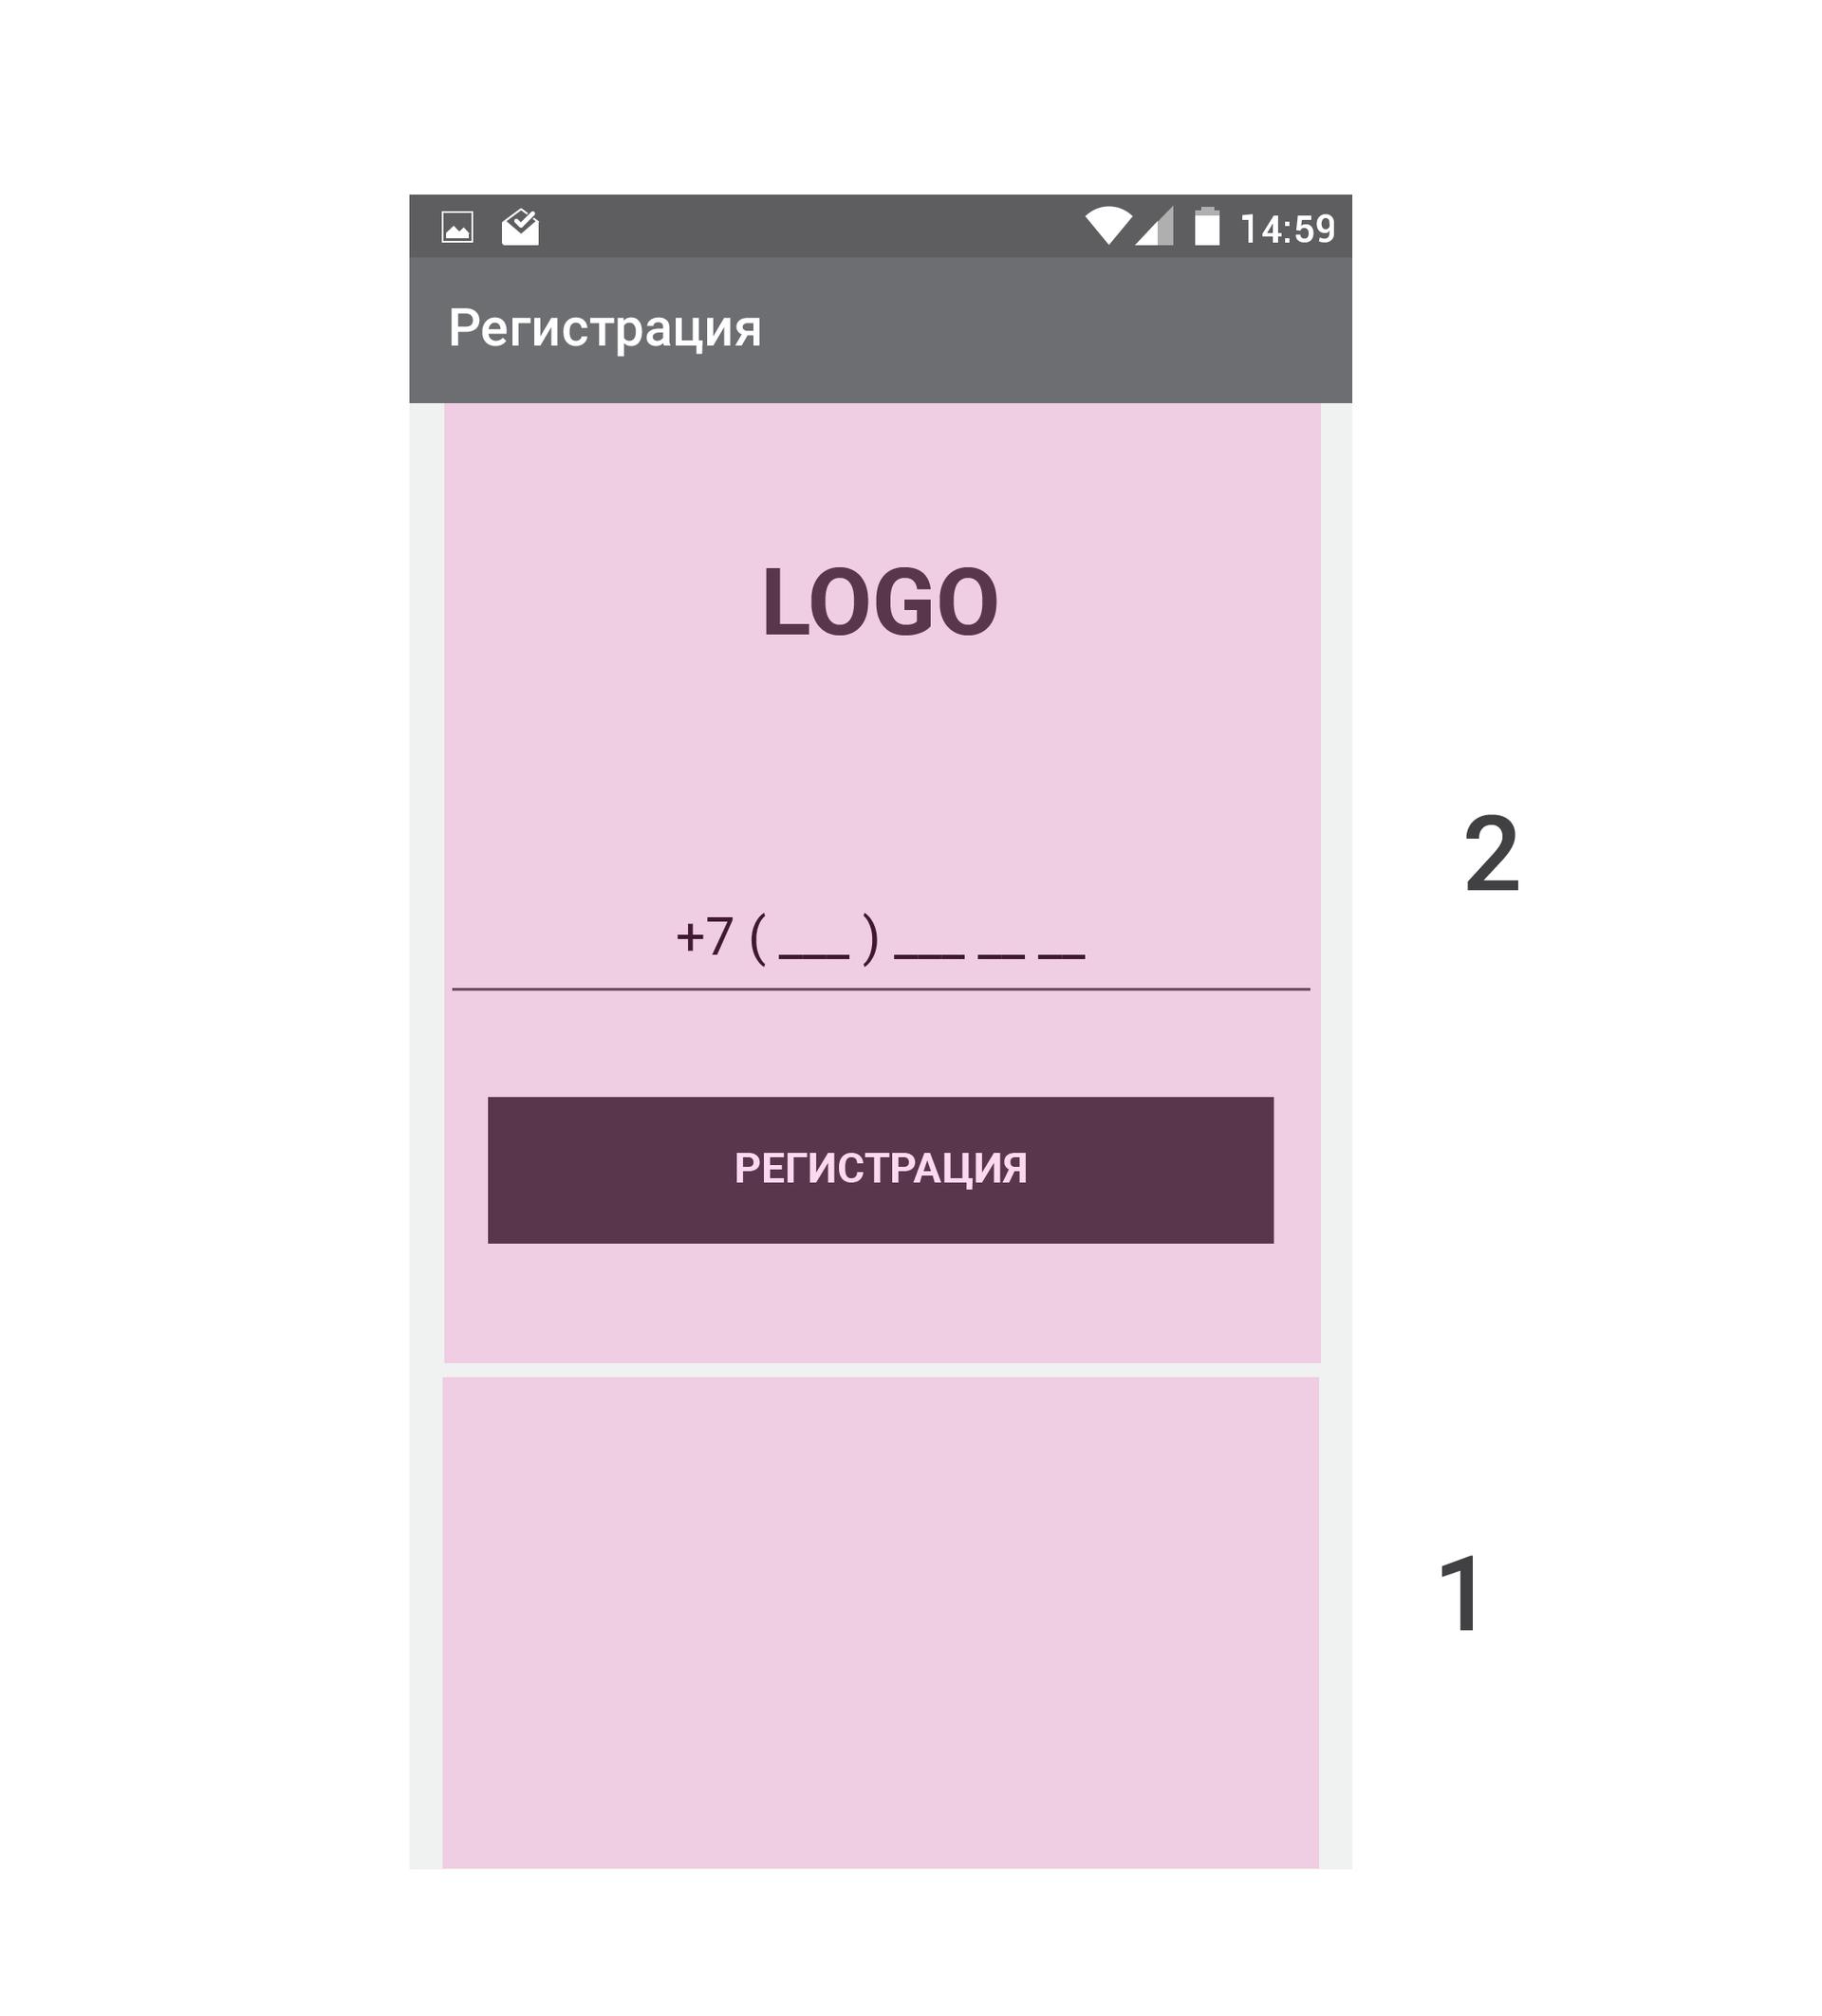 Общие принципы в создании мобильных приложений для начинающего UX-UI-дизайнера - 9